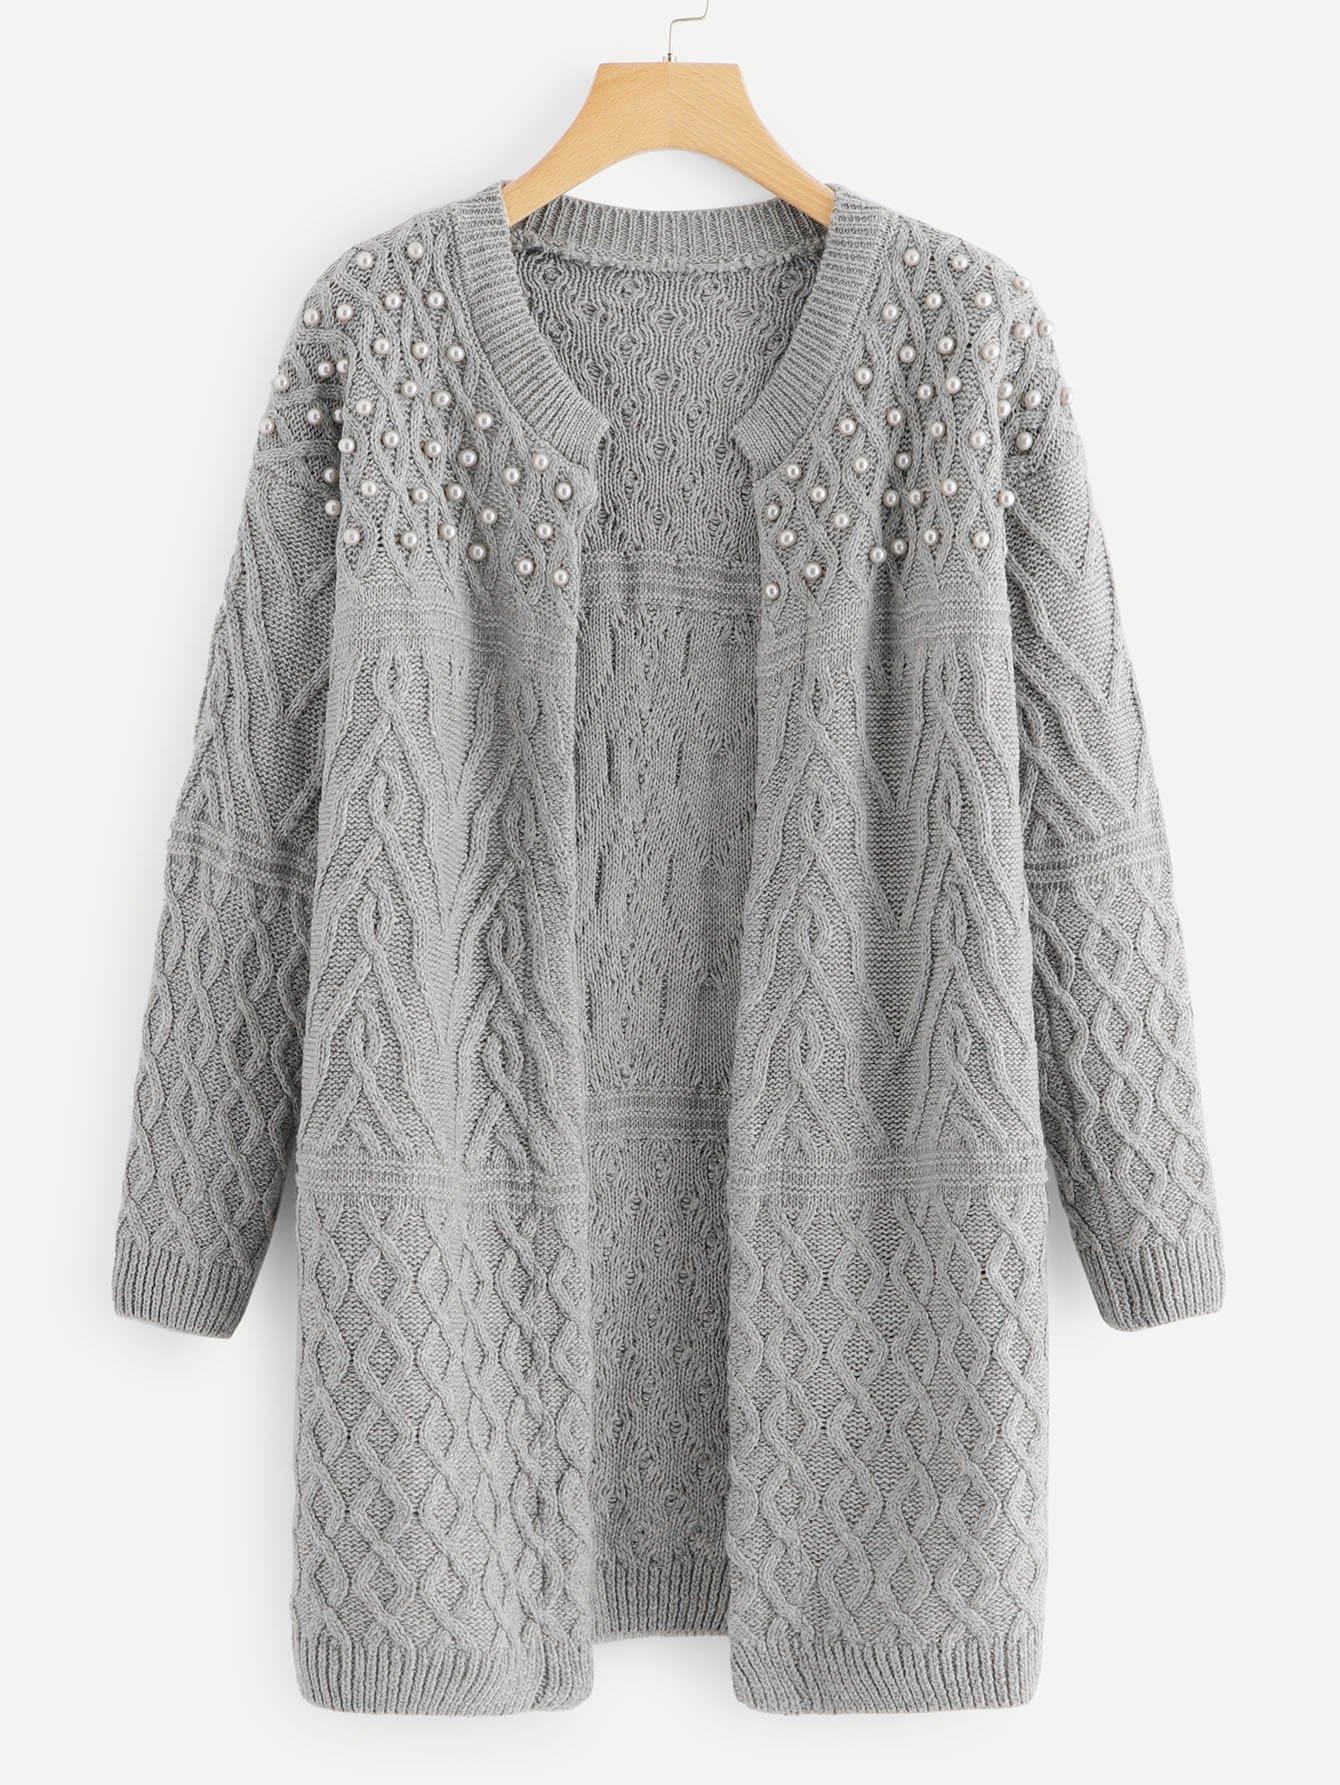 Sueter gris perlado – Seven Store – Tienda de Ropa para Mujer df0c1bce5c7f